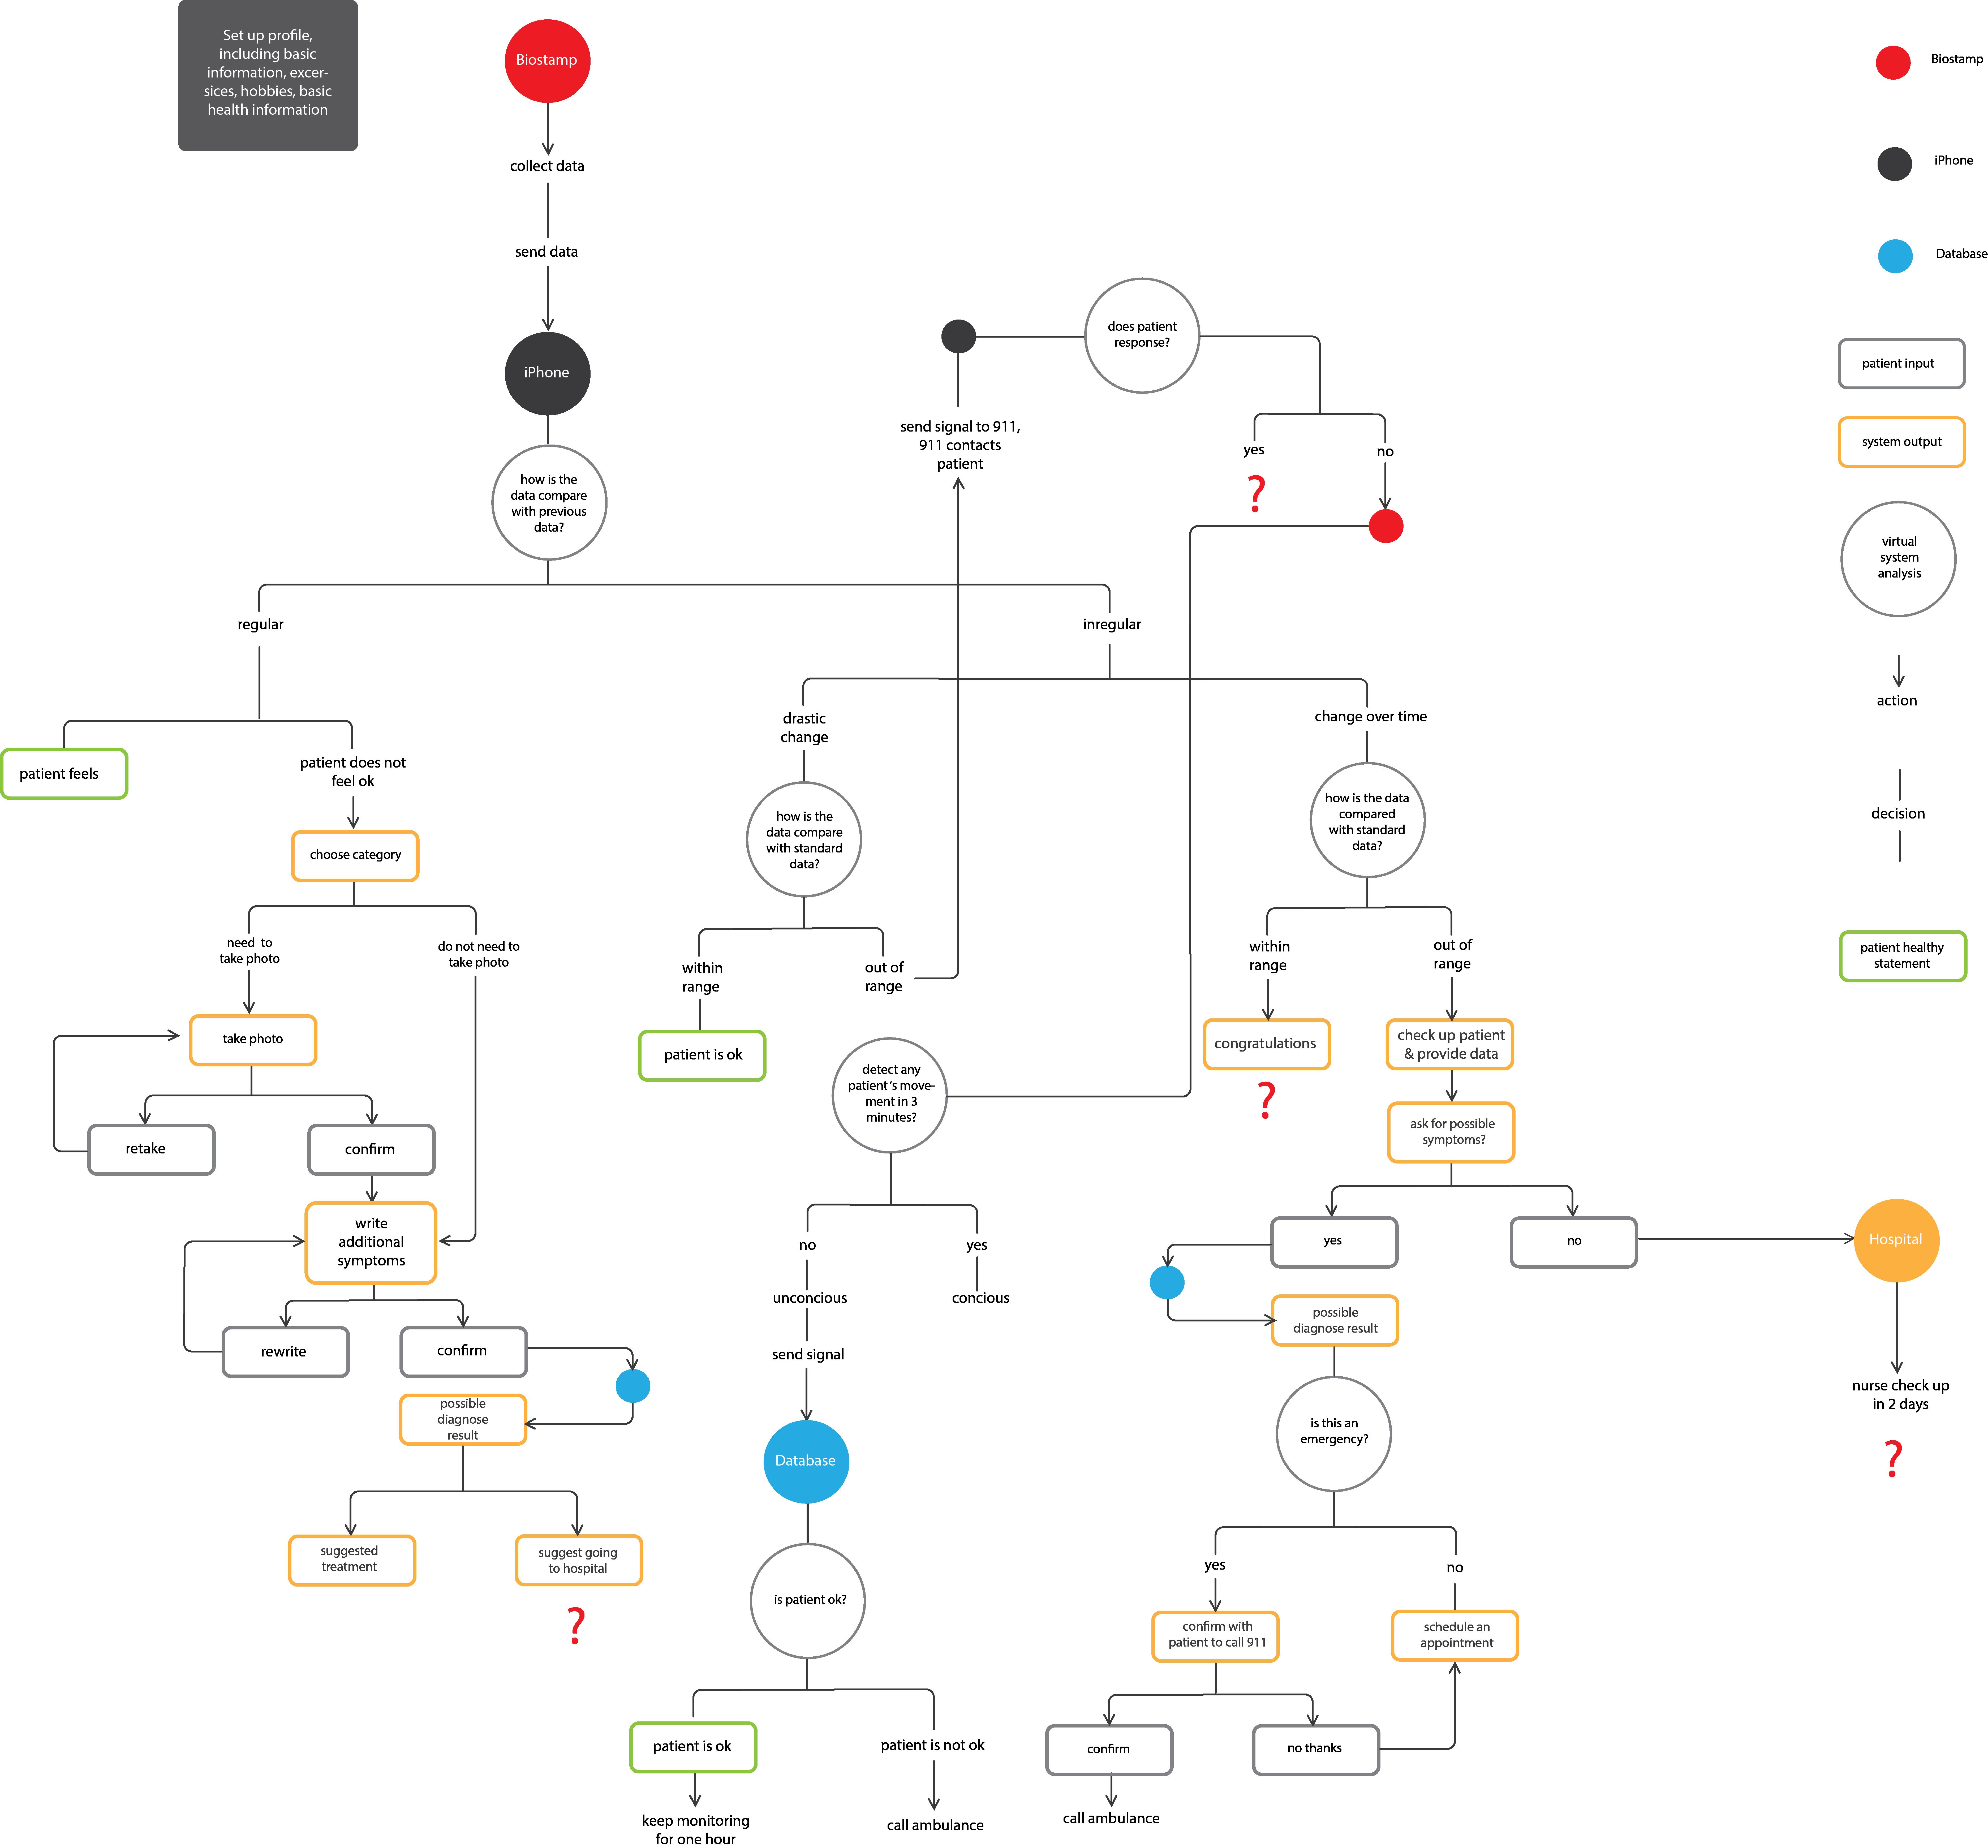 biostamp workflow question